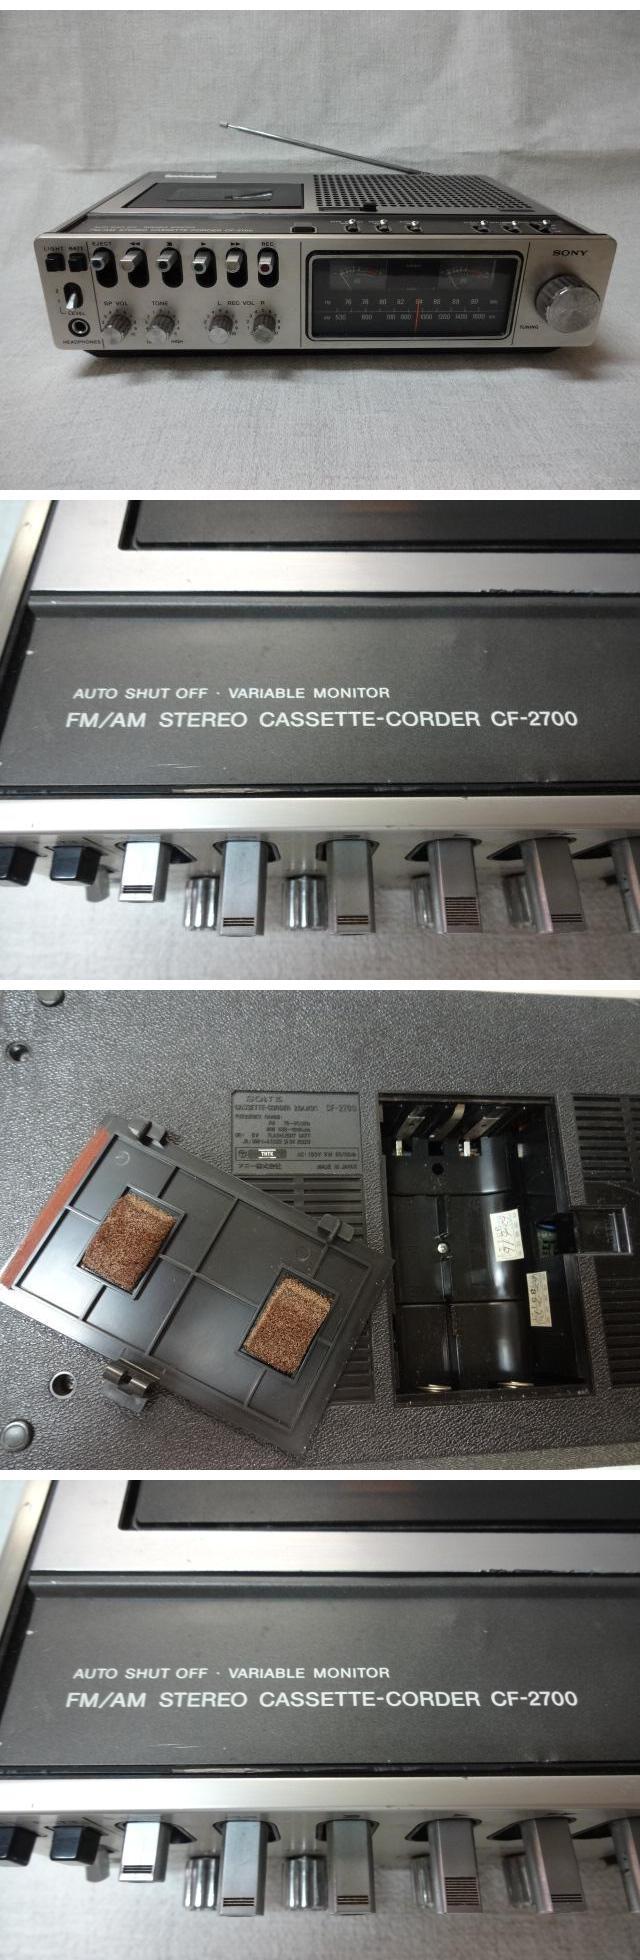 sony cf-2700 ラジオカセットデッキ